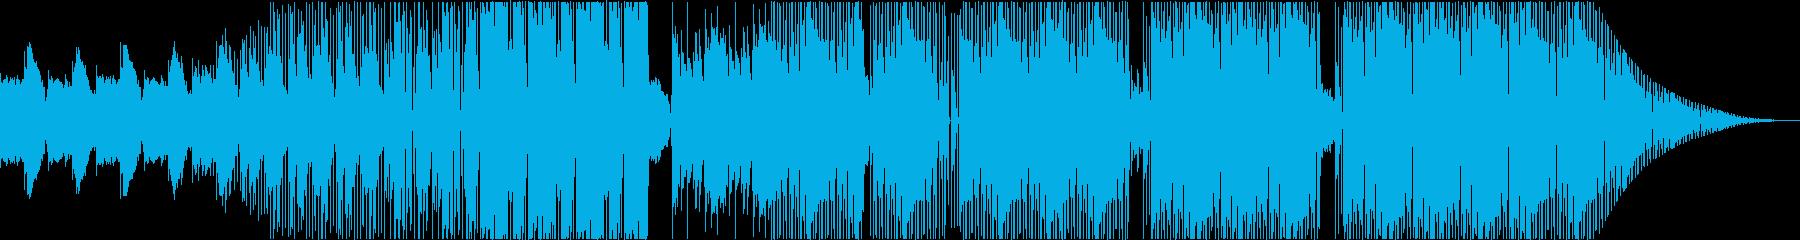 クールなイメージのHIPHOPビートの再生済みの波形